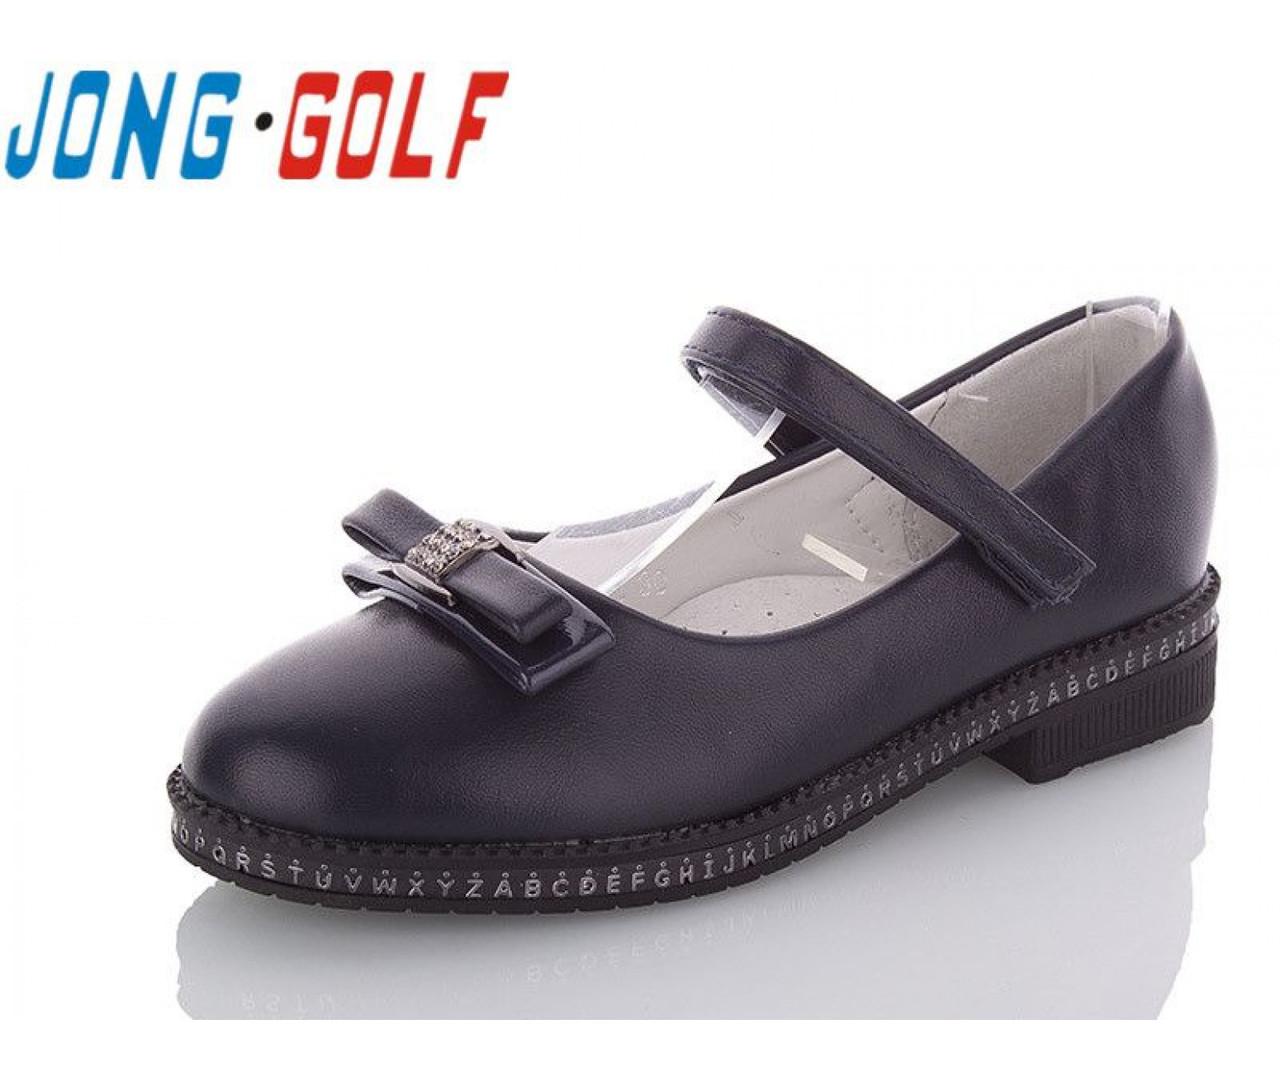 Туфли подросток синие,туфли детские школьные на девочку Jong-Golf-C93051-1